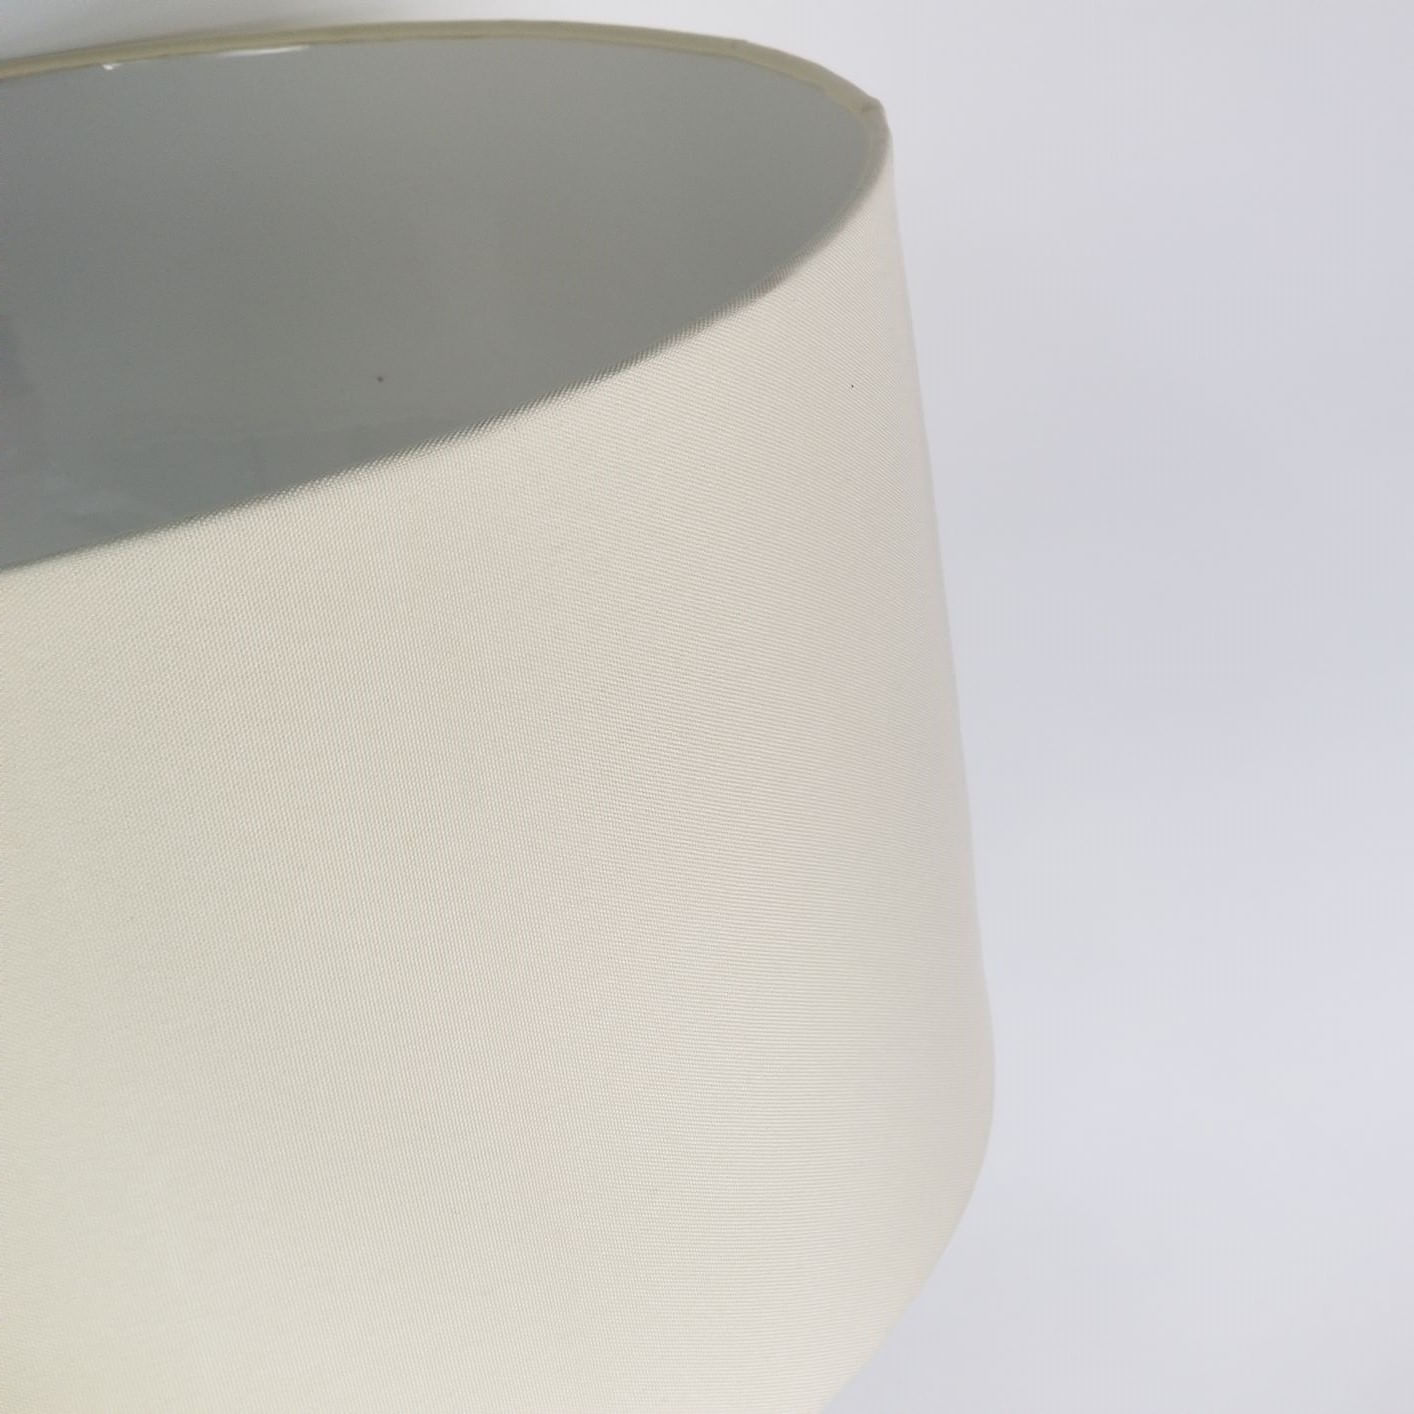 Cúpula Cilíndrica de Tecido 40x22cm - Bege Claro